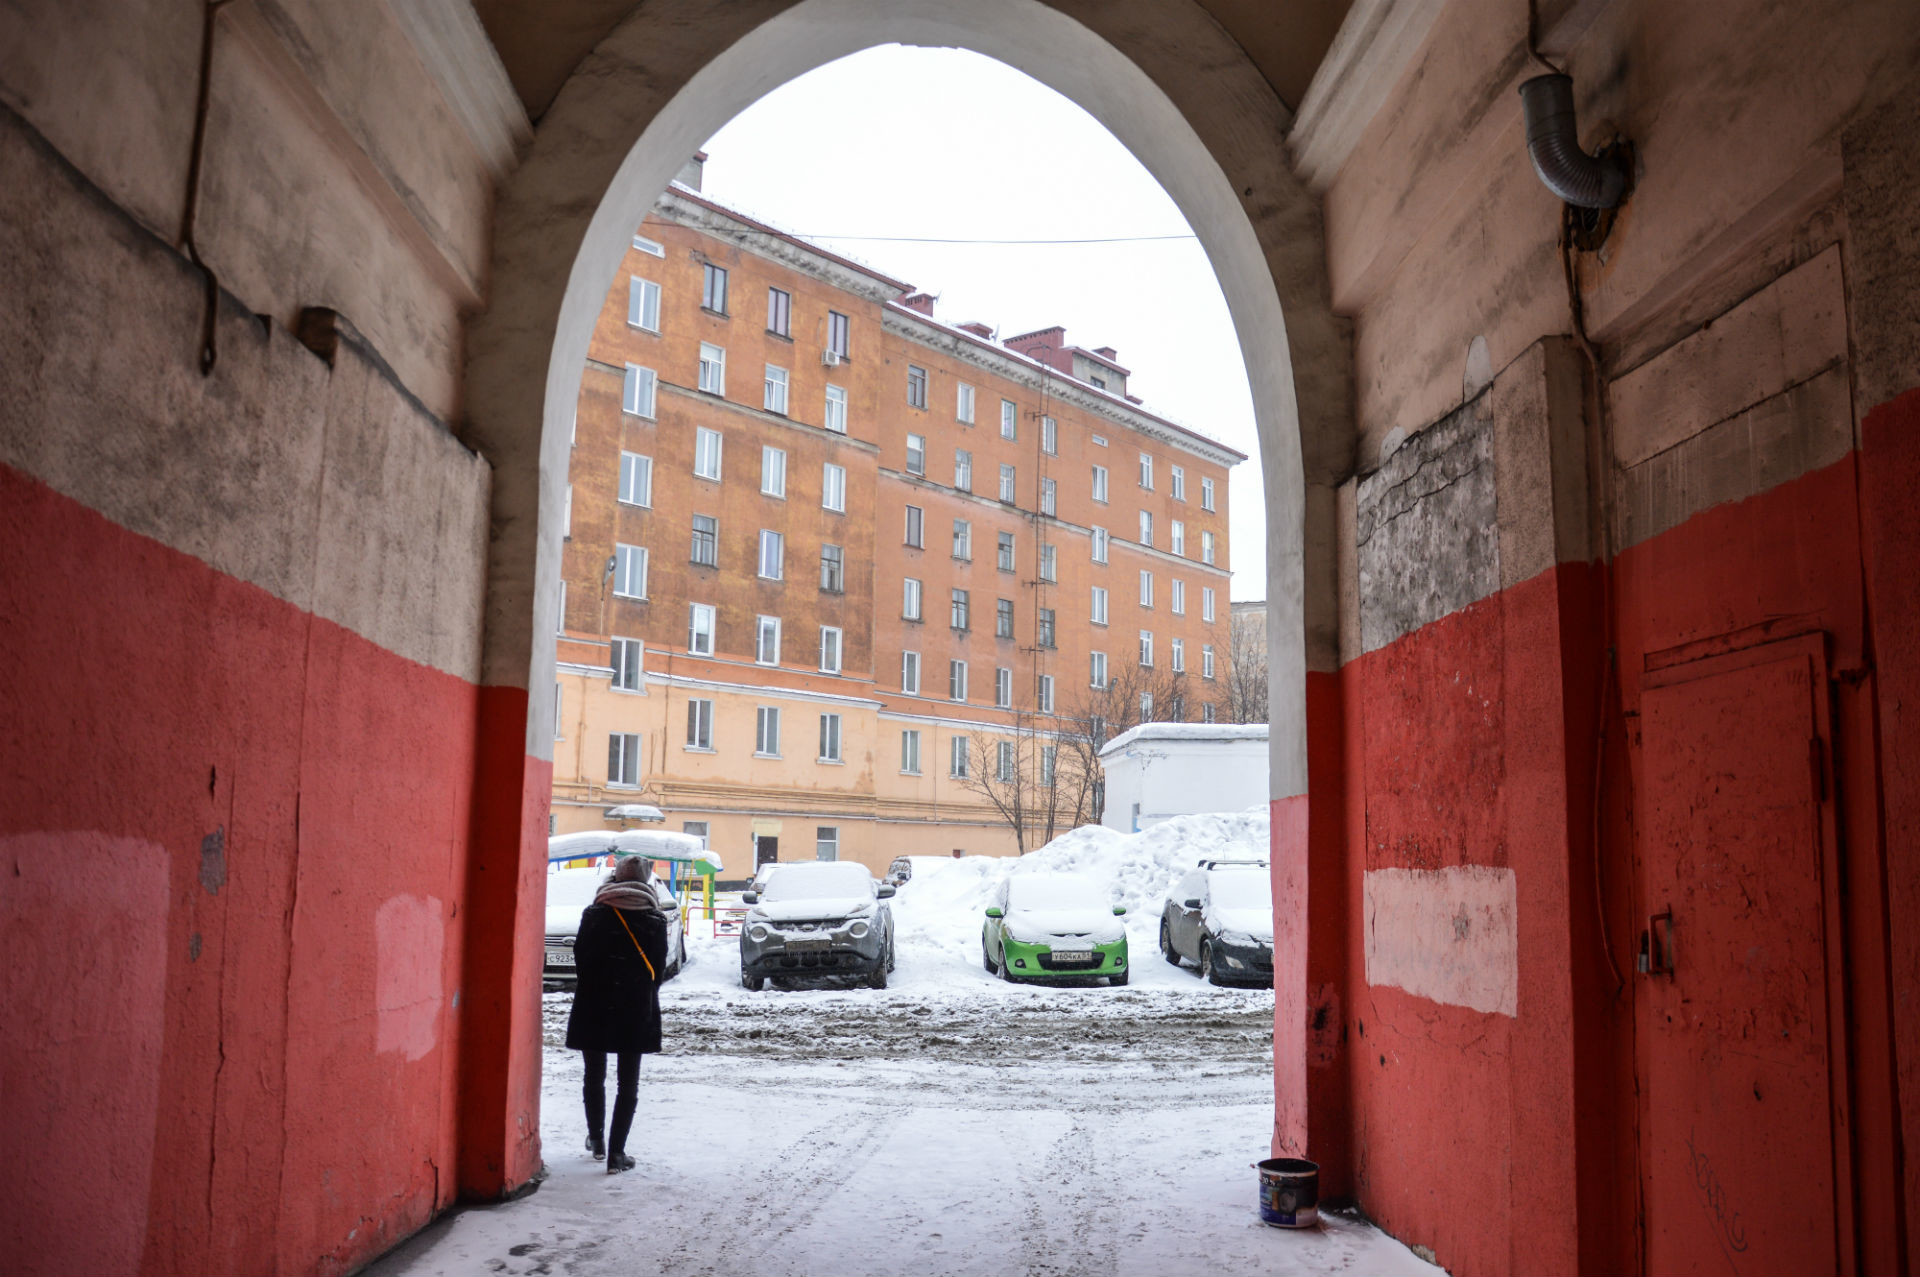 Gli archi che conducono a un cortile parlano del passato sontuoso della città